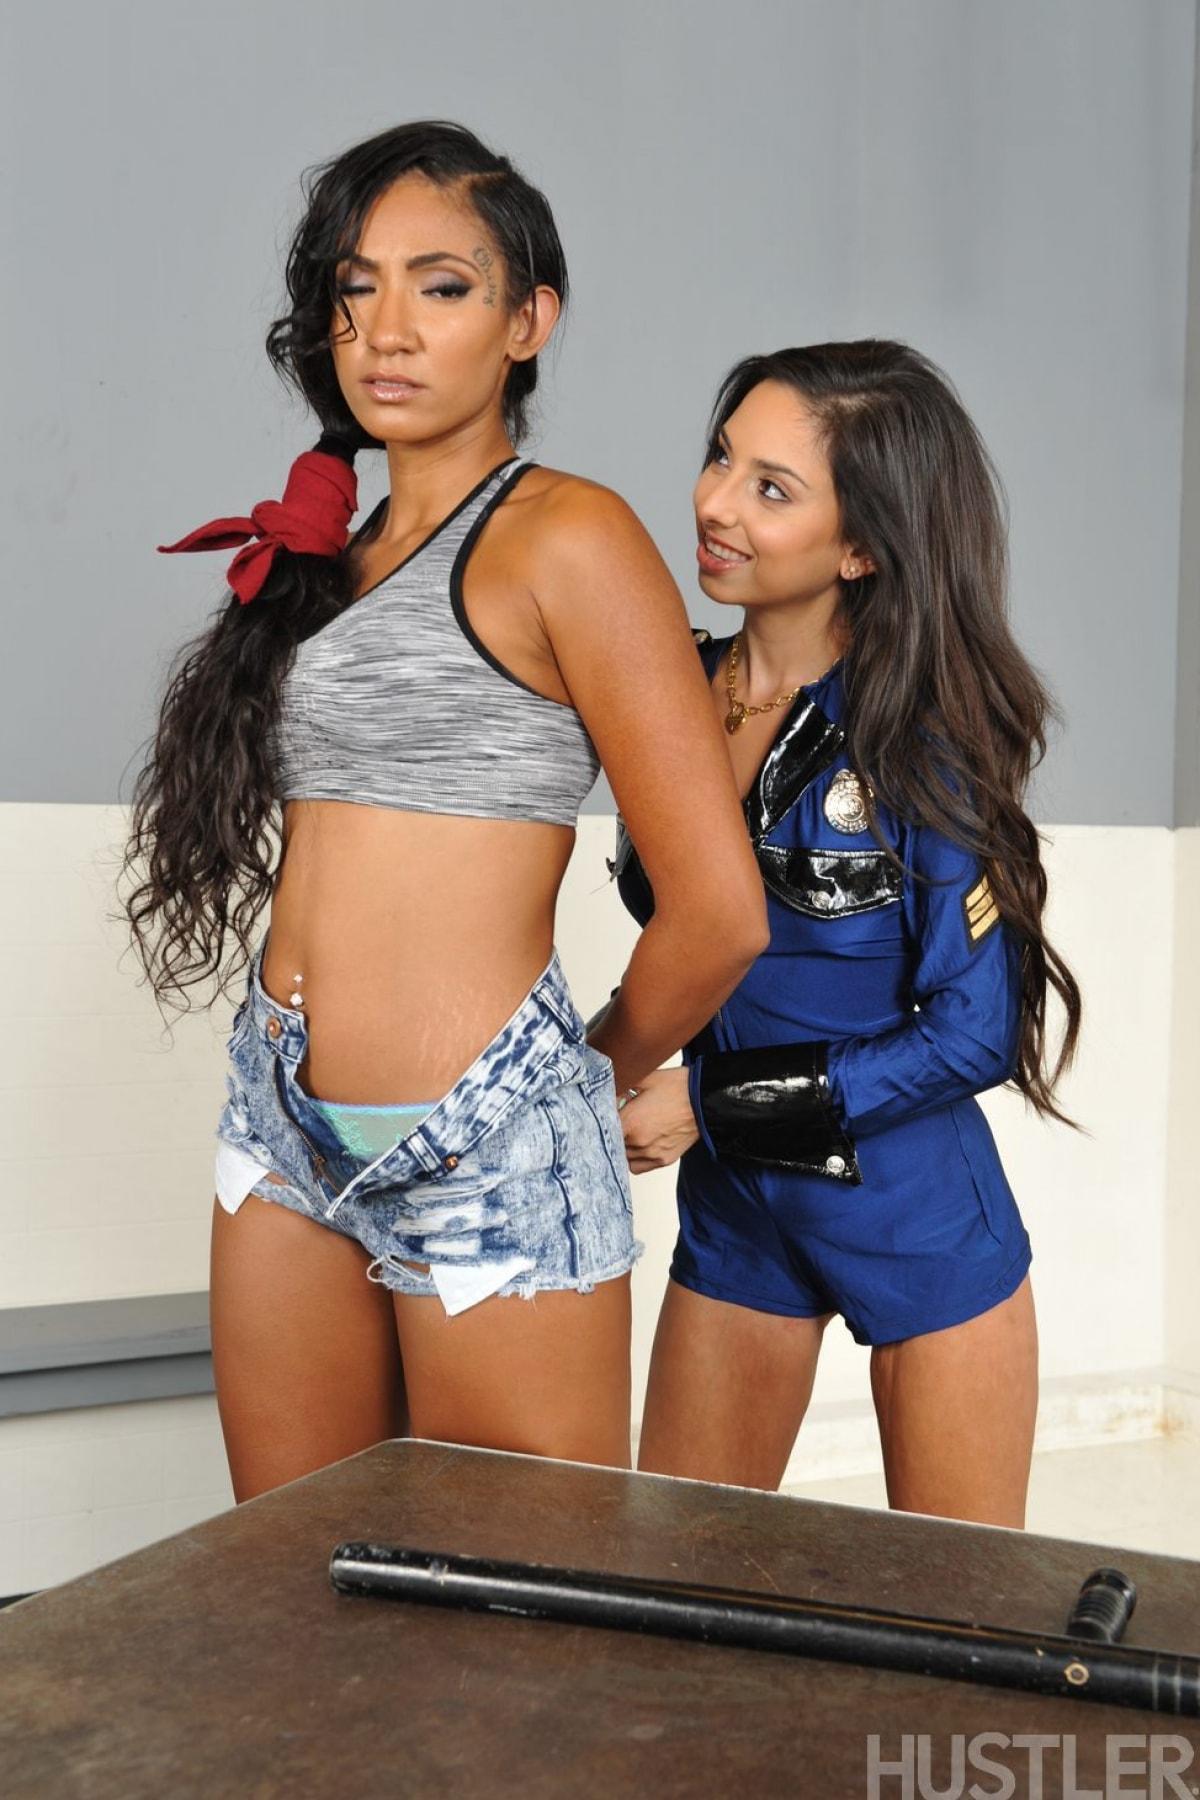 Prison Lesbians